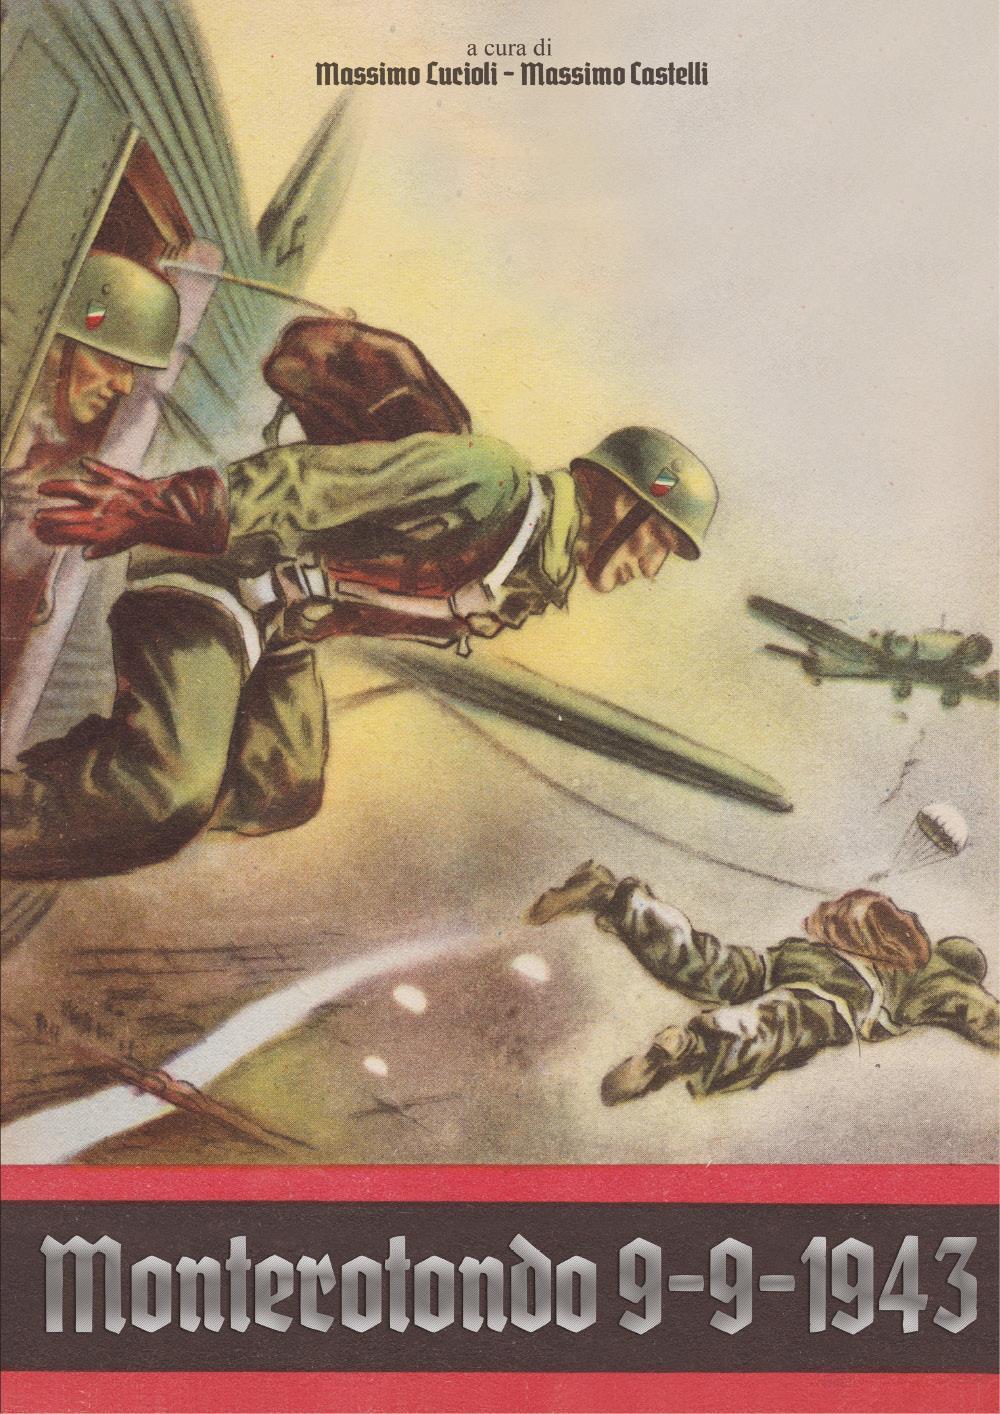 Monterotondo 9-9-1943